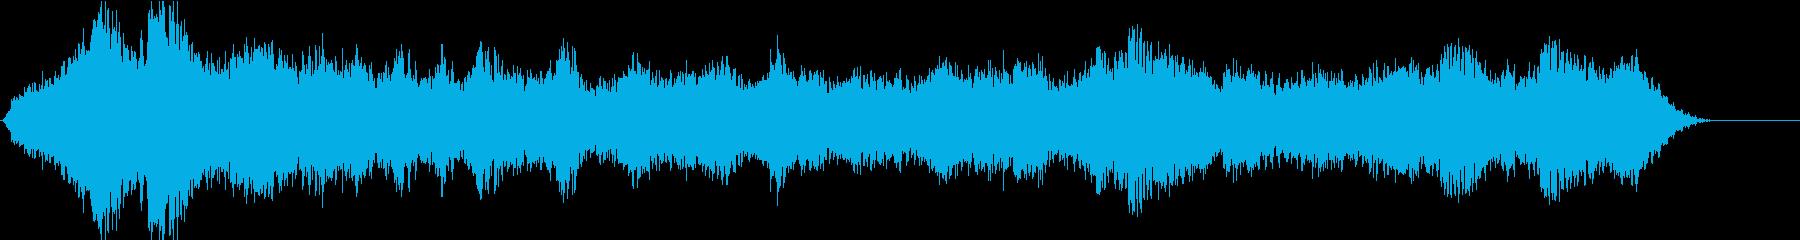 ドローン エジプト高02の再生済みの波形